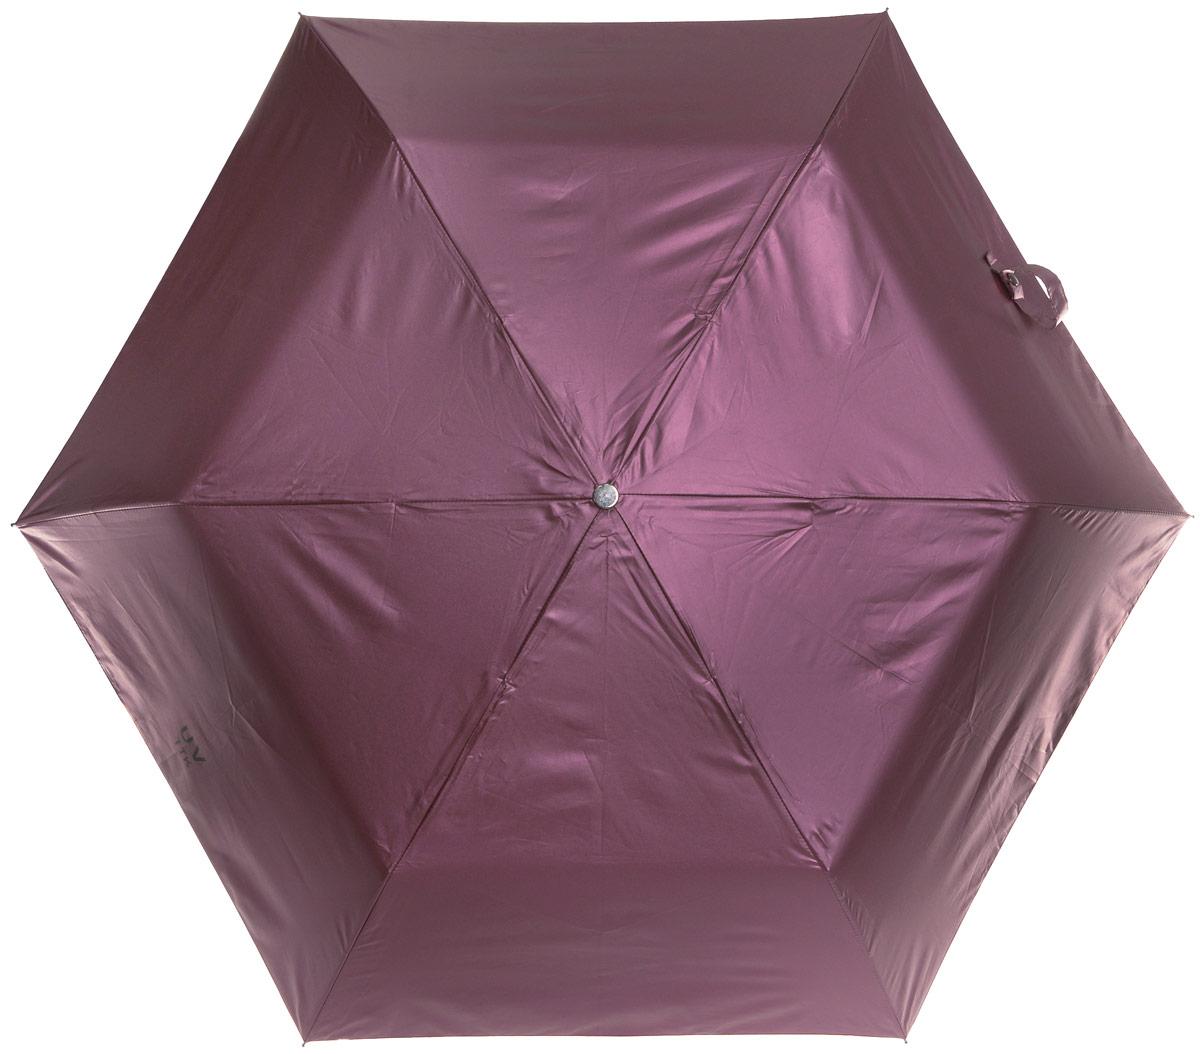 Зонт женский Эврика Звездное небо, механика, 3 сложения, цвет: розовато-лиловый, черный. 96778REM12-CAM-REDBLACKОригинальный зонт Эврика не оставит вас незамеченной. С внешней стороны купол оформлен с металлическим оттенком, а с внутренней - в виде черного неба с созвездиями.Стержень изделия изготовлен из металла. Купол выполнен из качественного нейлона, который не пропускает воду. Зонт состоит из шести спиц, изготовленных из металла с элементами из пластика и пластиковой ручки. Зонт имеет механический способ сложения: и купол, и стержень открываются вручную до характерного щелчка. Ручка дополнена петлей, благодаря которой зонт можно носить на запястье. К зонту прилагается чехол. Благодаря своему небольшому размеру, зонт легко пометится в сумку. Раскрыв зонт можно увидеть внутри ночное небо с созвездиями.Зонт-планетарий станет отличным подарком и надежной защитой от непогоды.